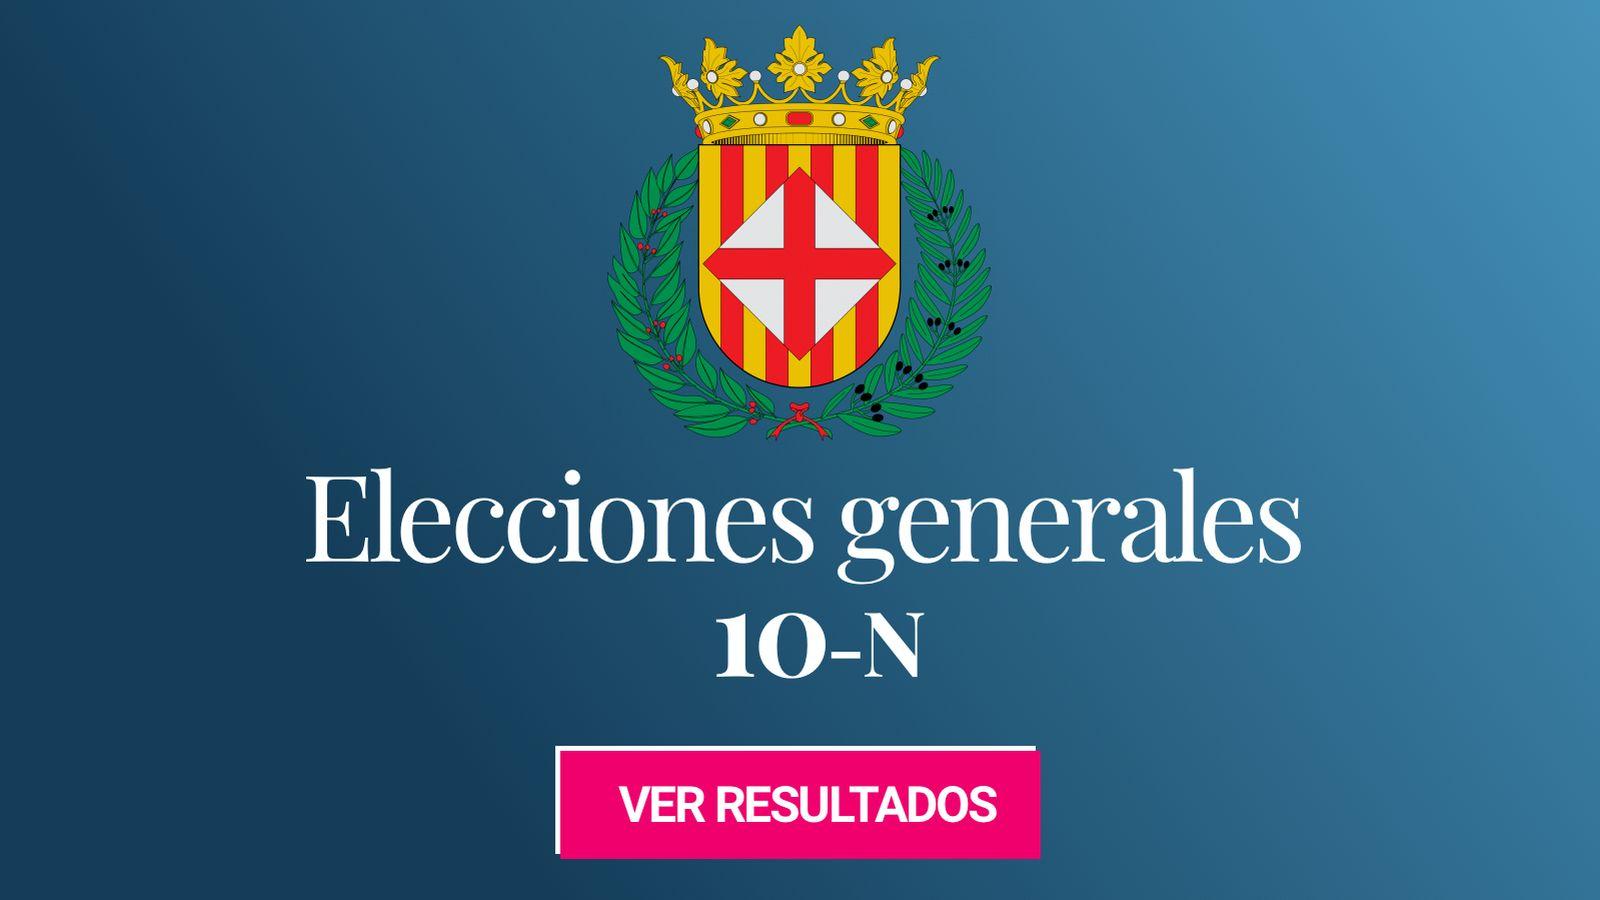 Foto: Elecciones generales 2019 en la provincia de Barcelona. (C.C./HansenBCN)